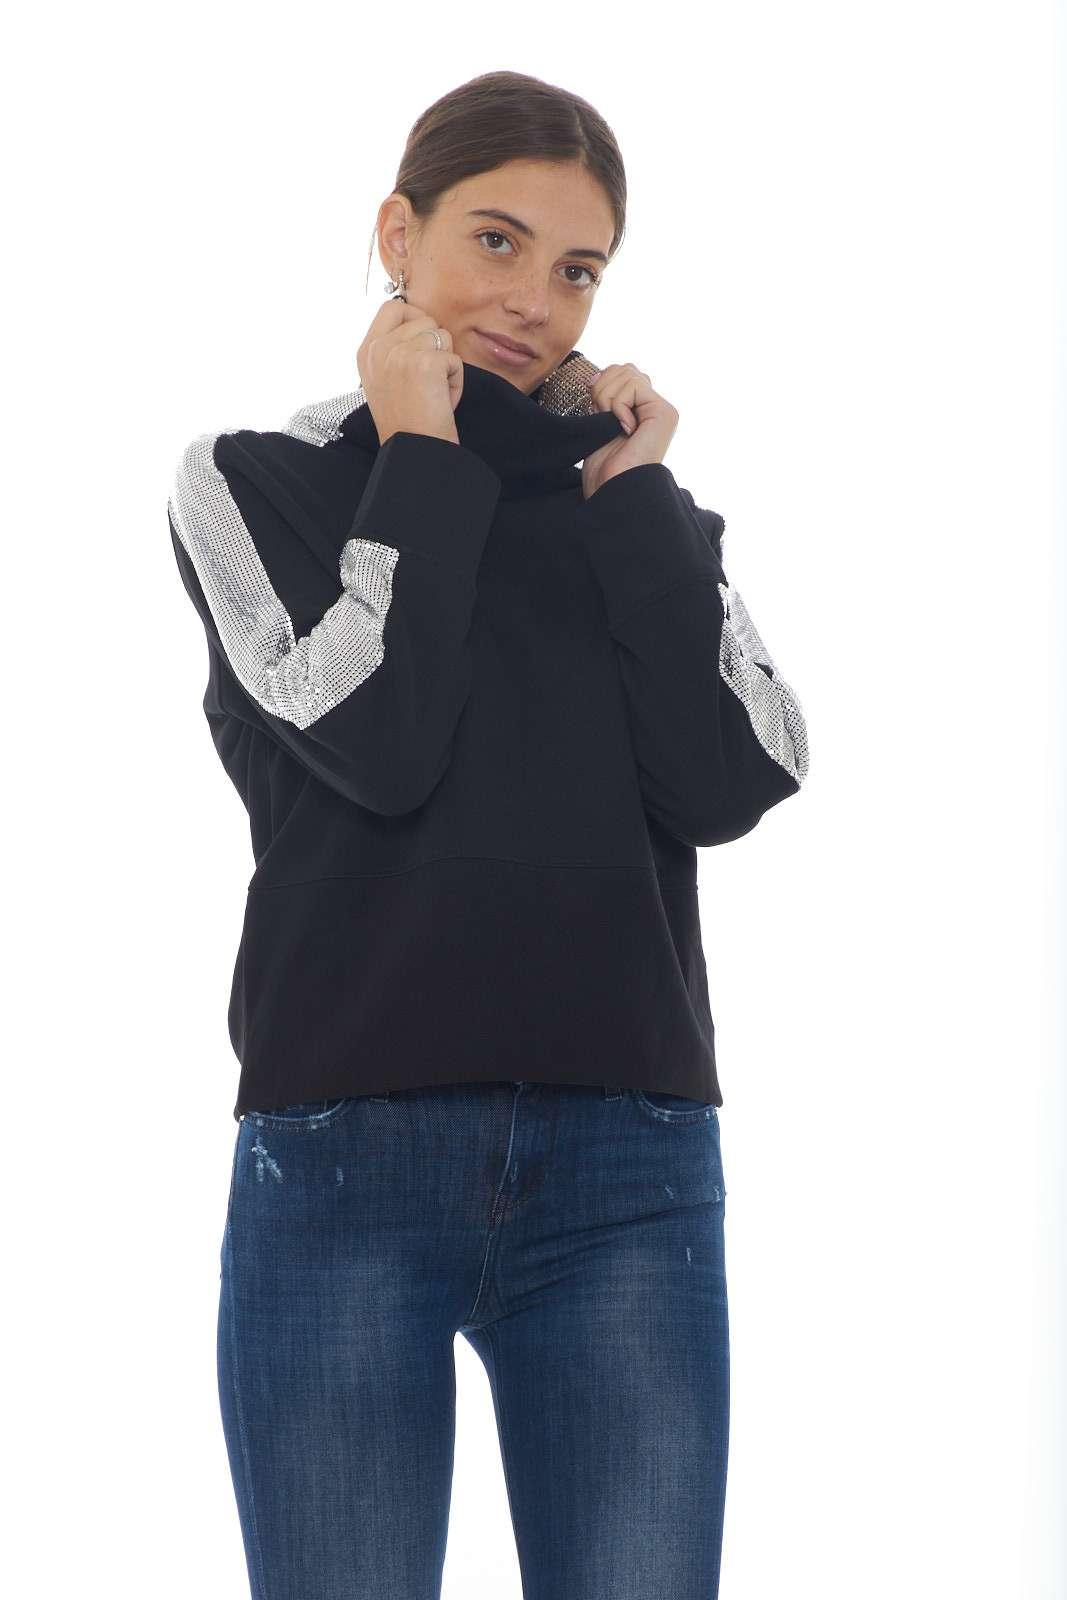 Una felpa dal collo alto estremamente fashion la FAME firmata Pinko. Caratterizzata dal collo e il fondo entrambi alti si impone per un look oversize. Da indossare con jeans o con gonne, grazie alle bande laterali metalliche si impone sullo stile urbano.